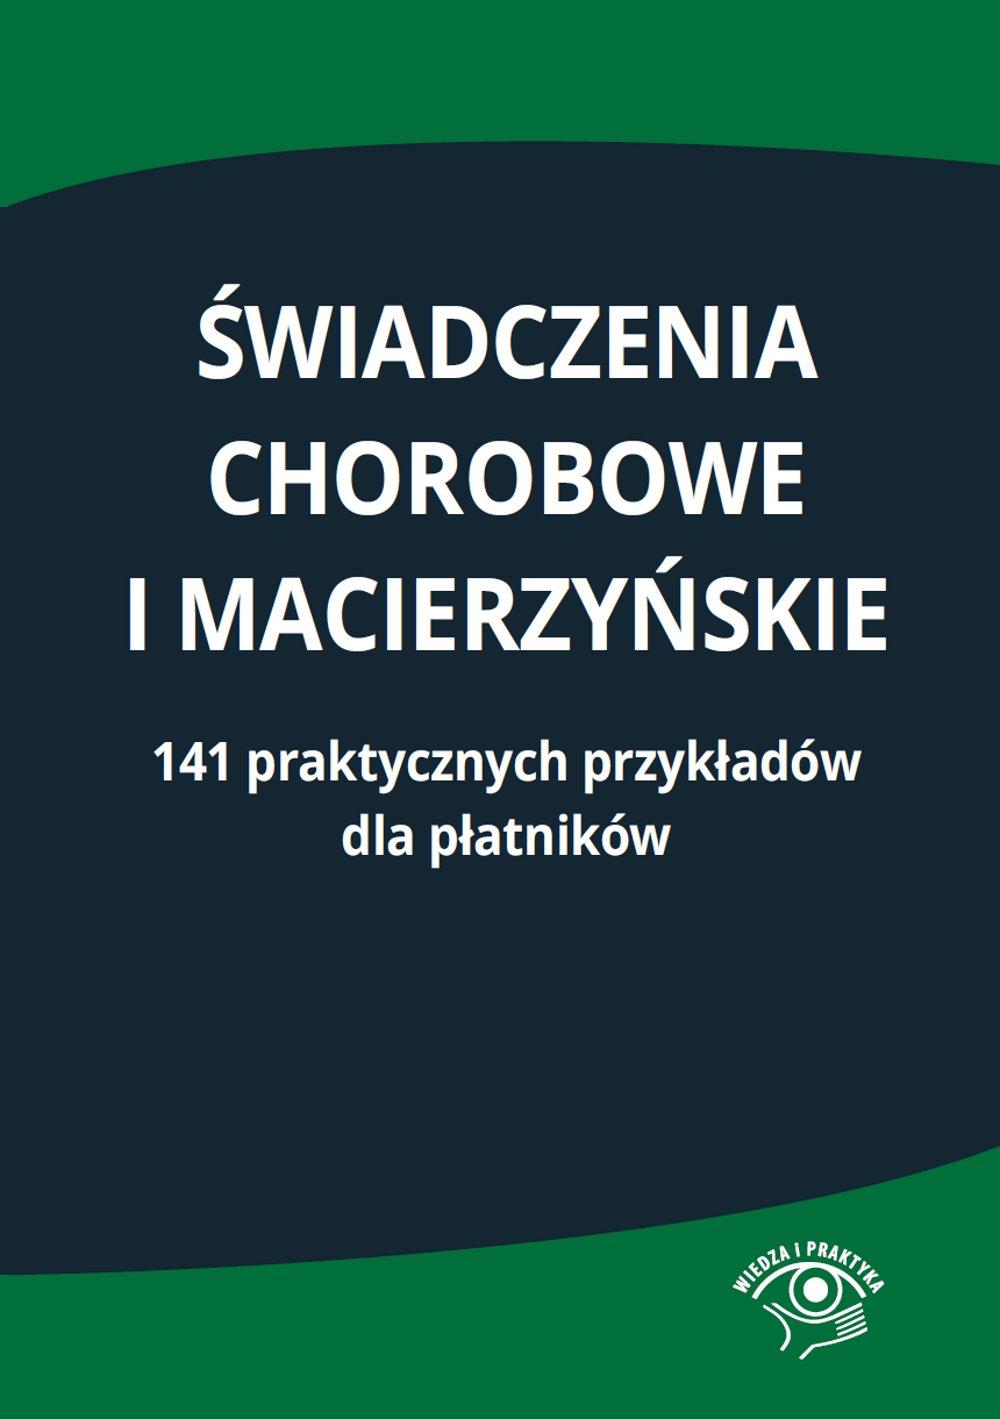 Świadczenia chorobowe i macierzyńskie. 141 praktycznych przykładów dla płatników - Ebook (Książka EPUB) do pobrania w formacie EPUB